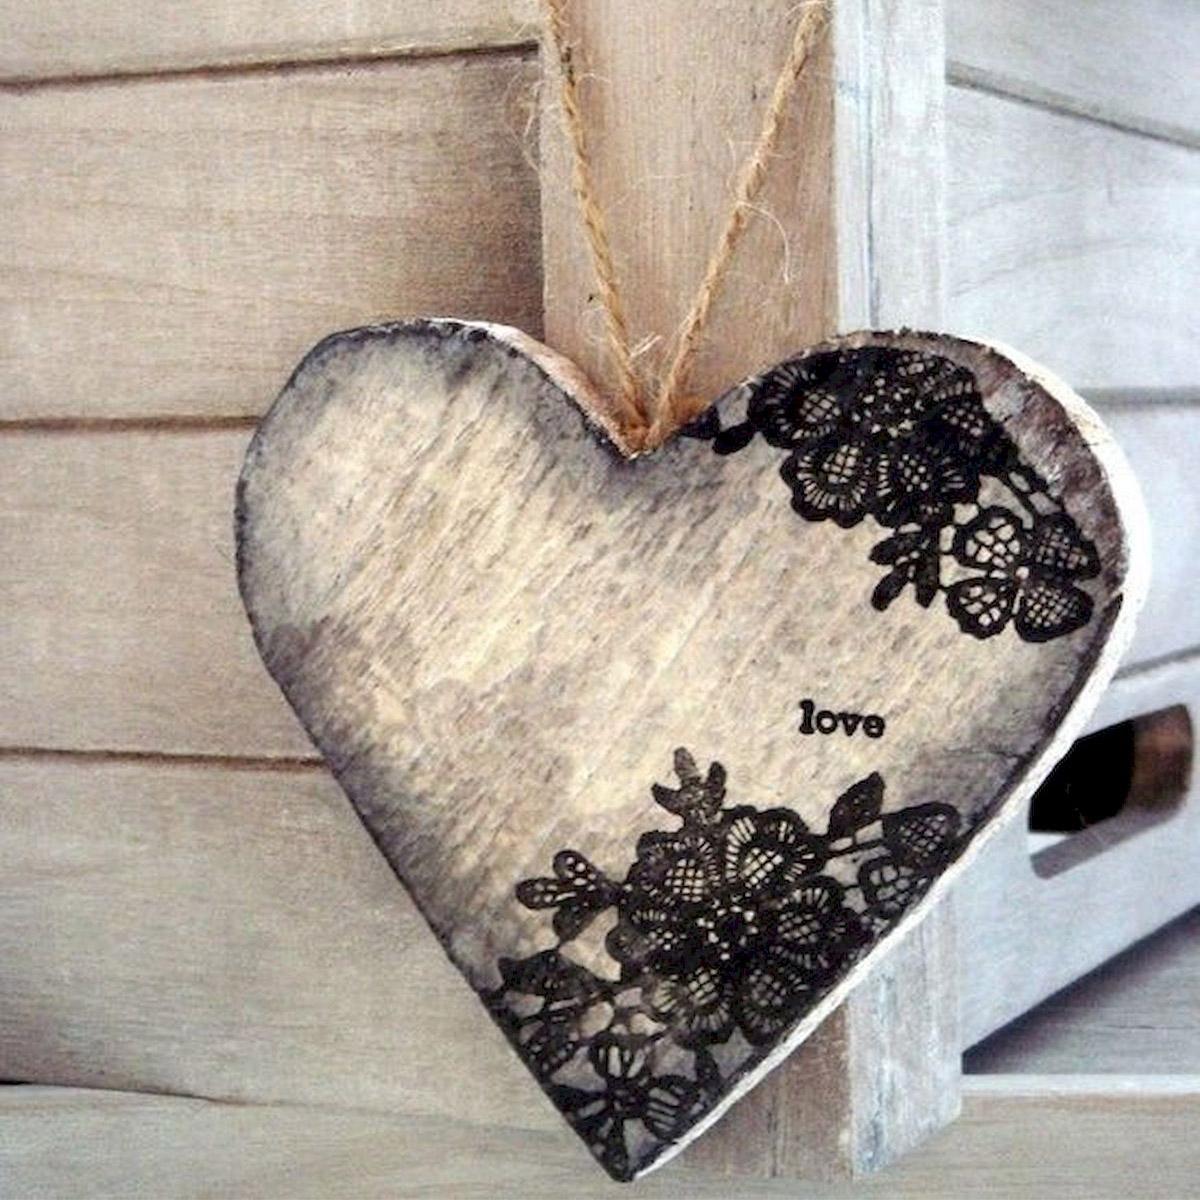 cuore san valentino 1